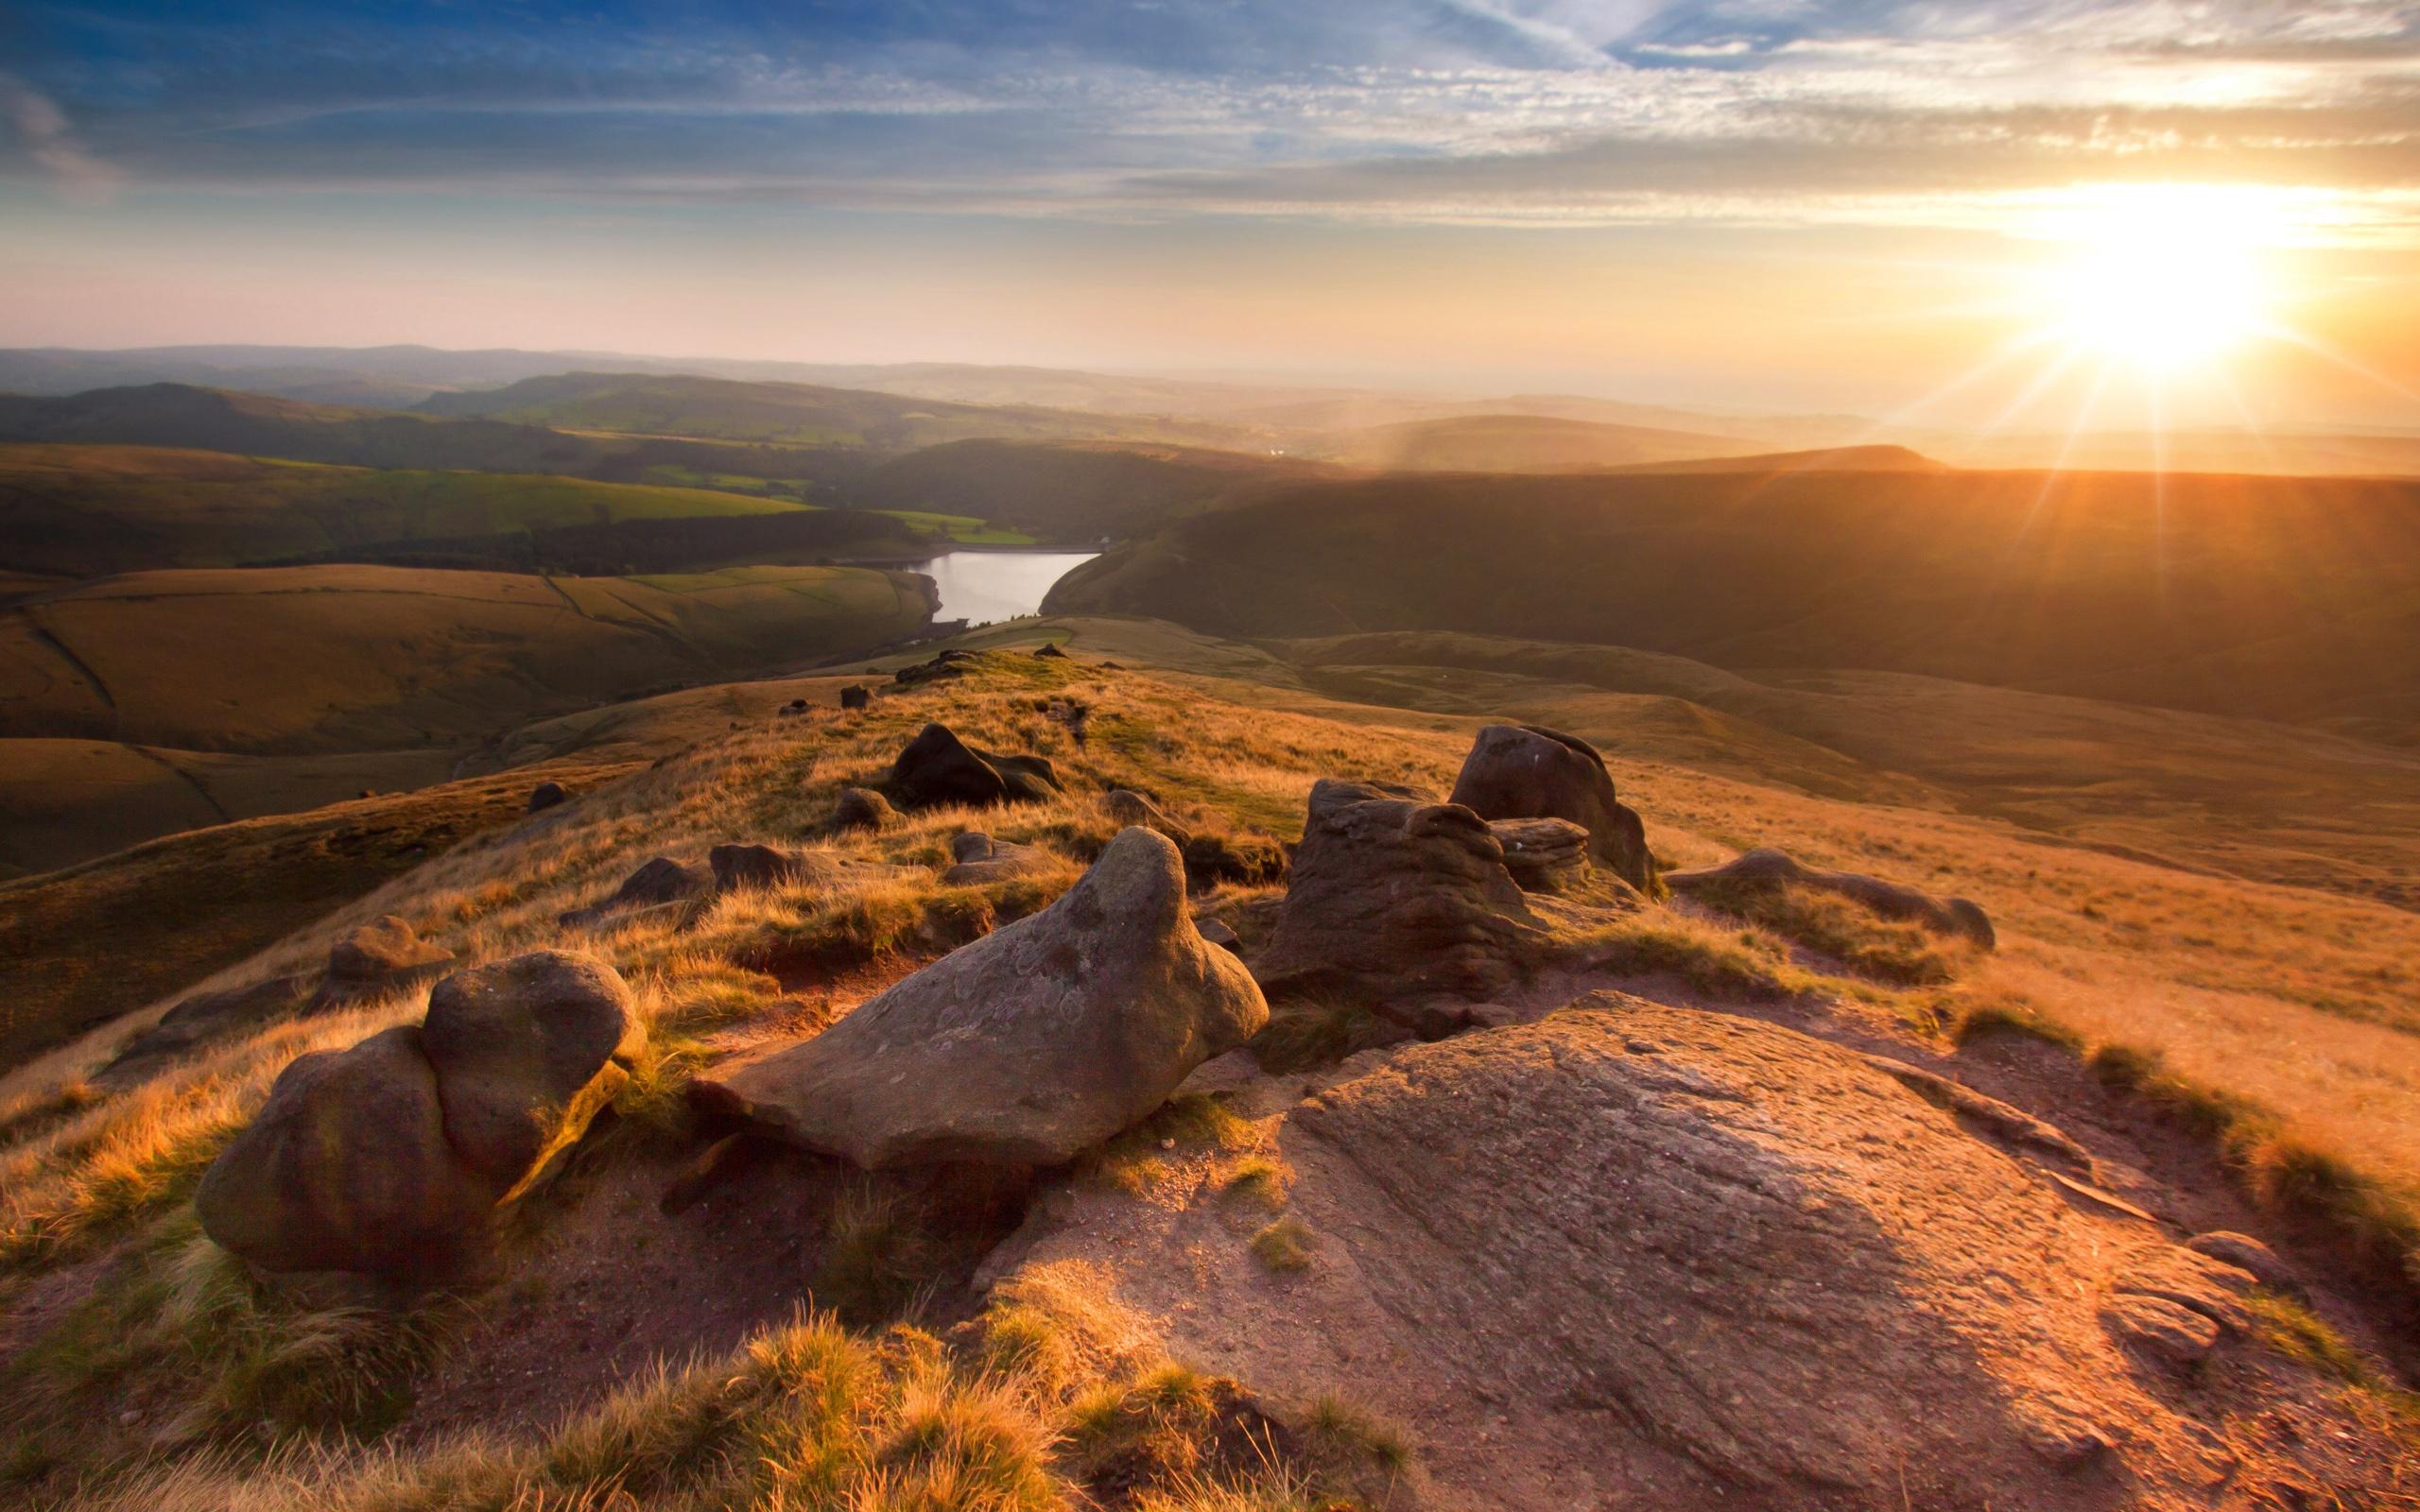 Fonds d 39 cran angleterre manchester beau paysage montagne coucher de soleil 2560x1600 hd image - Photo coucher de soleil montagne ...